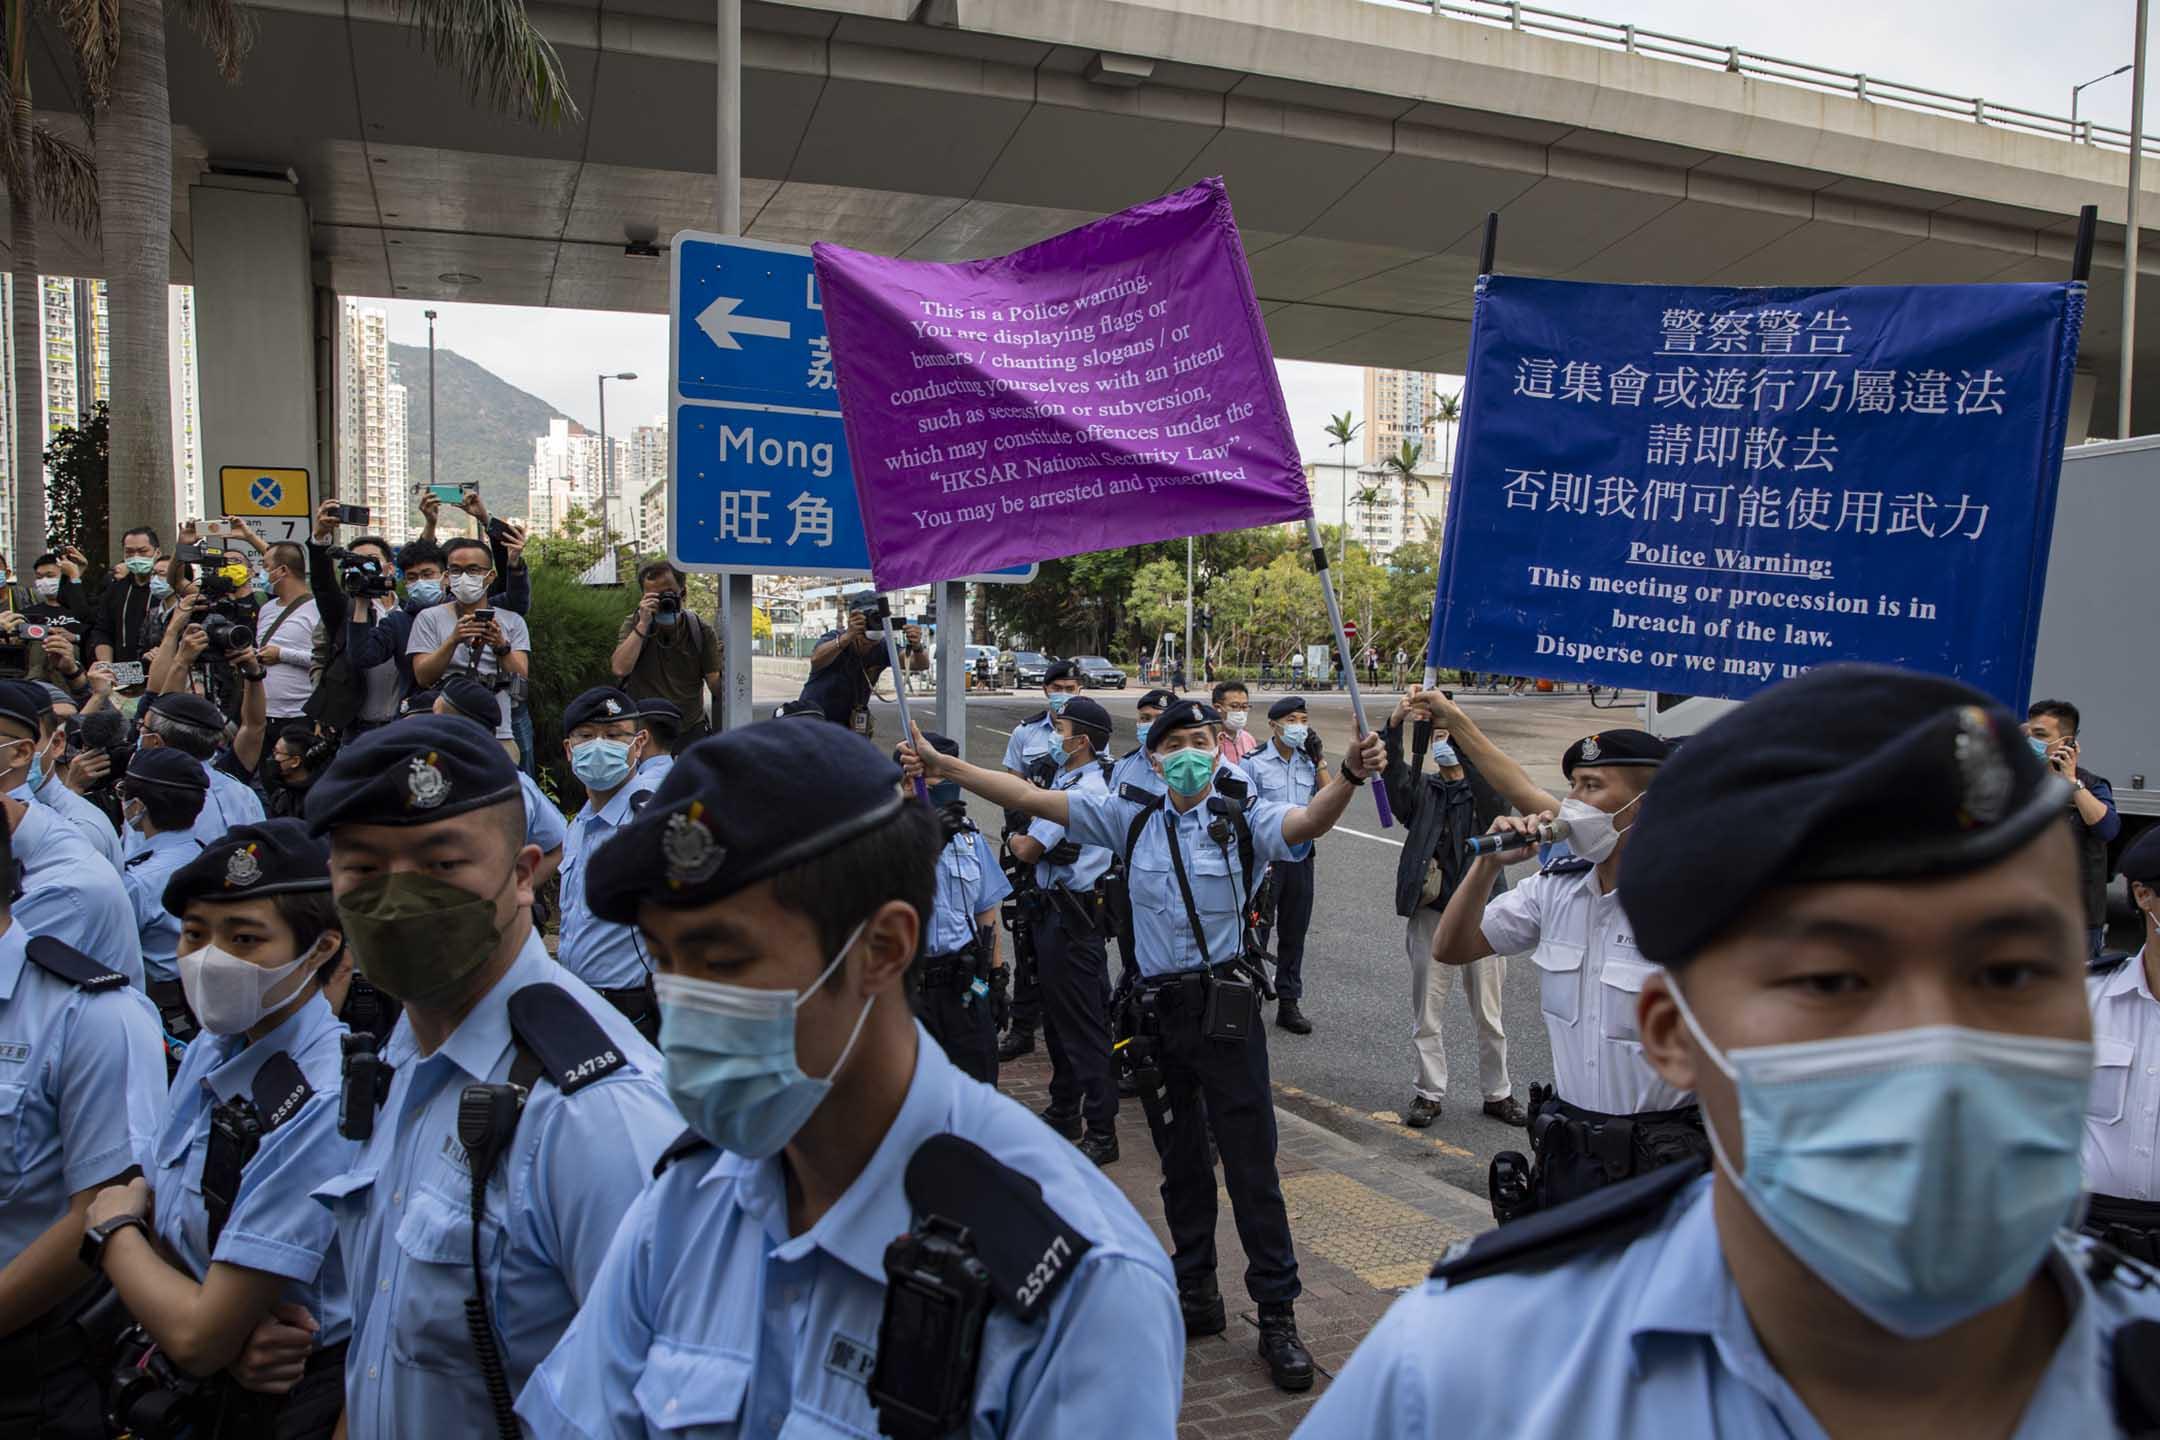 2021年3月1日大批市民於西九龍裁判法院等候進庭聽審,警方出示紫旗警告。